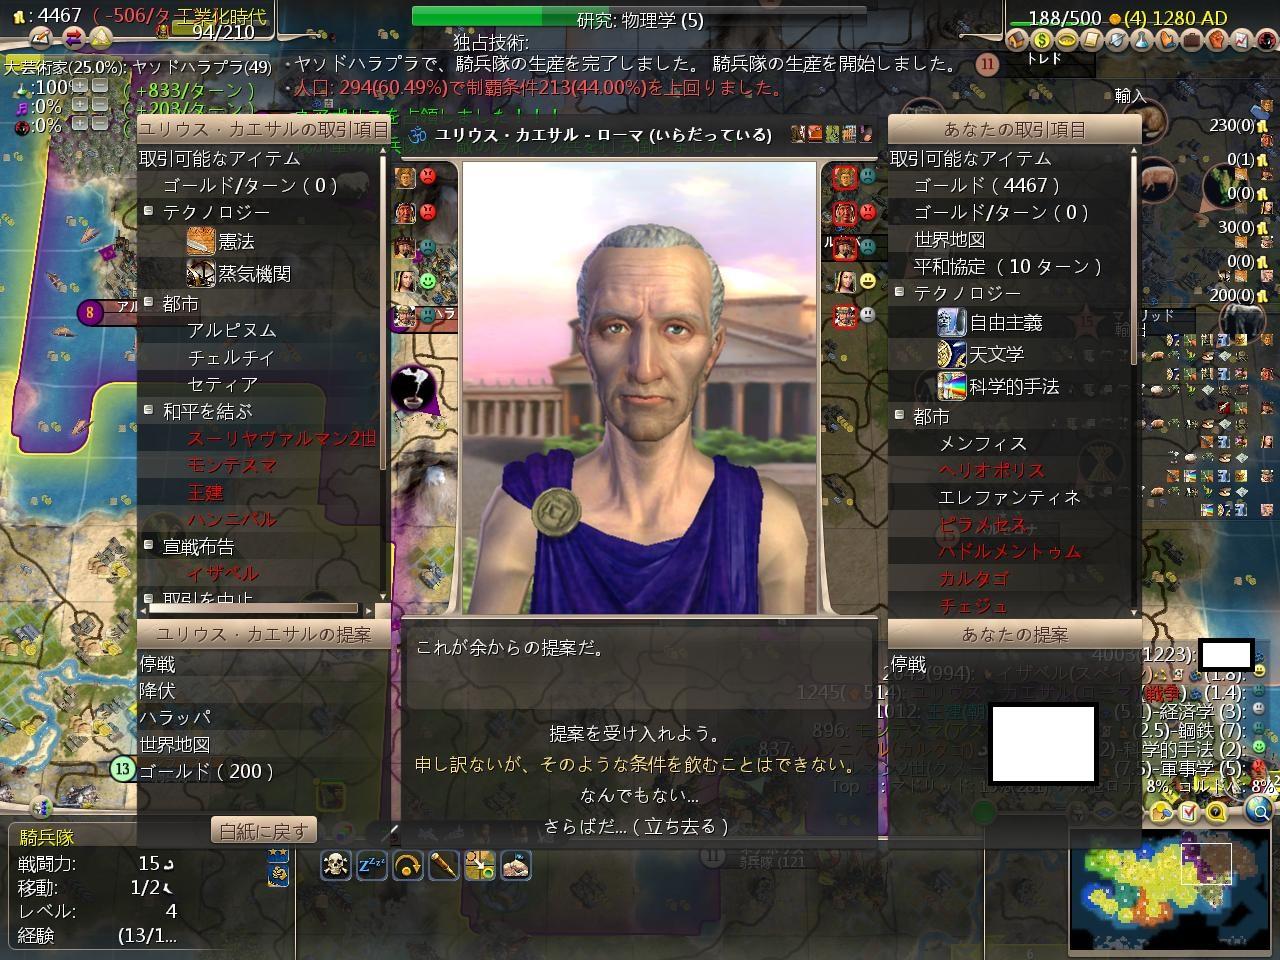 Civ4ScreenShot2113.JPG